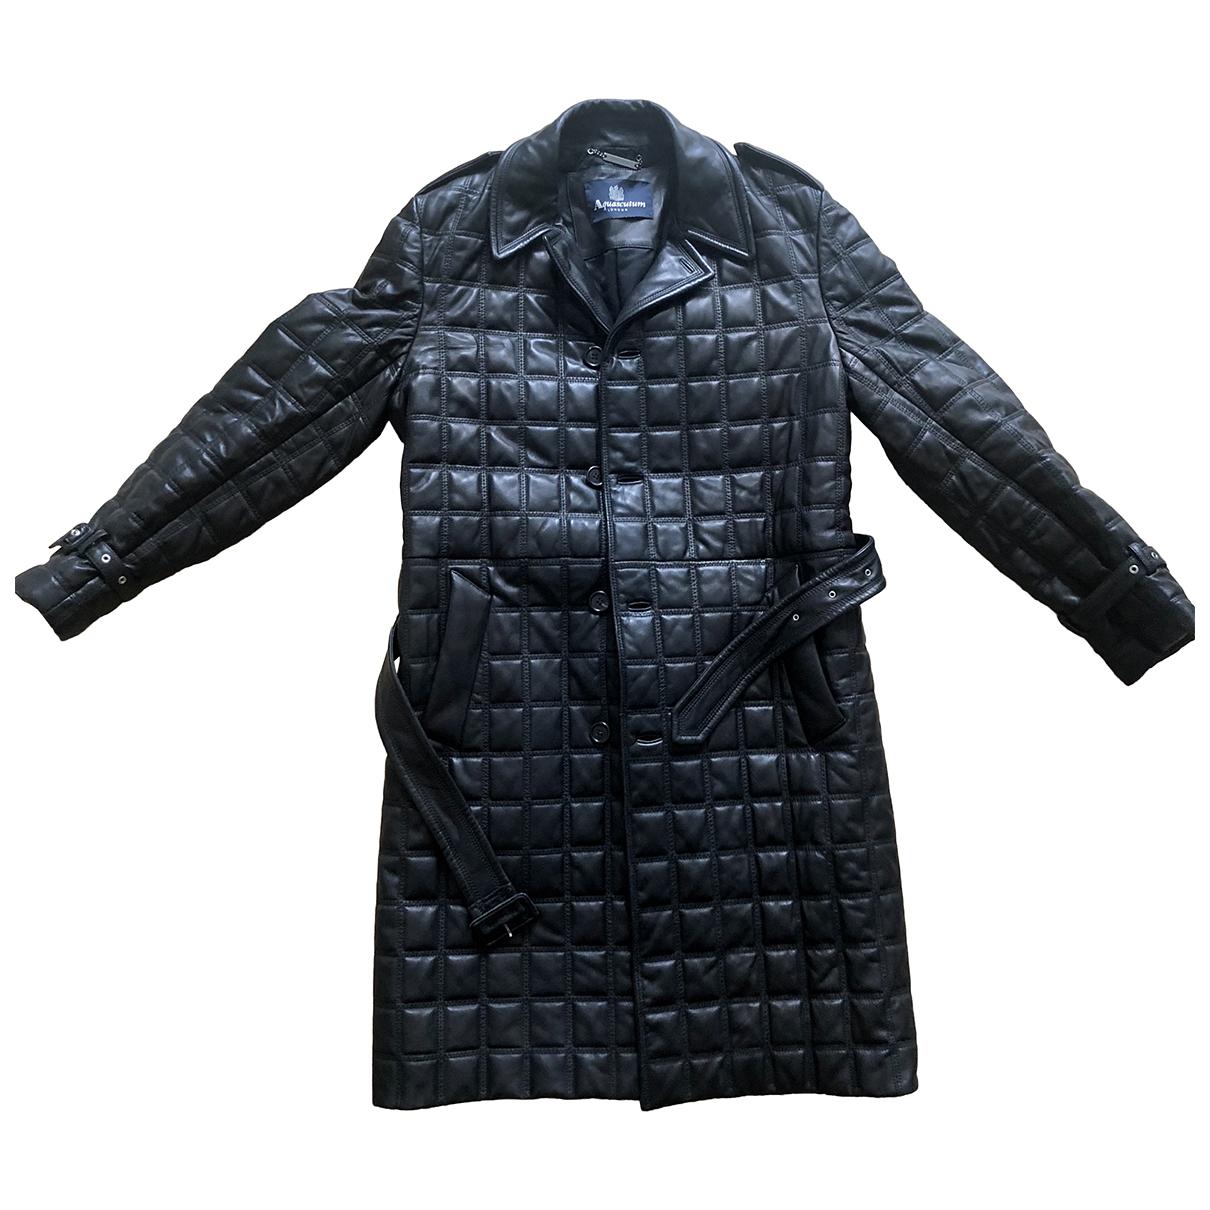 Aquascutum - Manteau   pour homme en cuir - noir